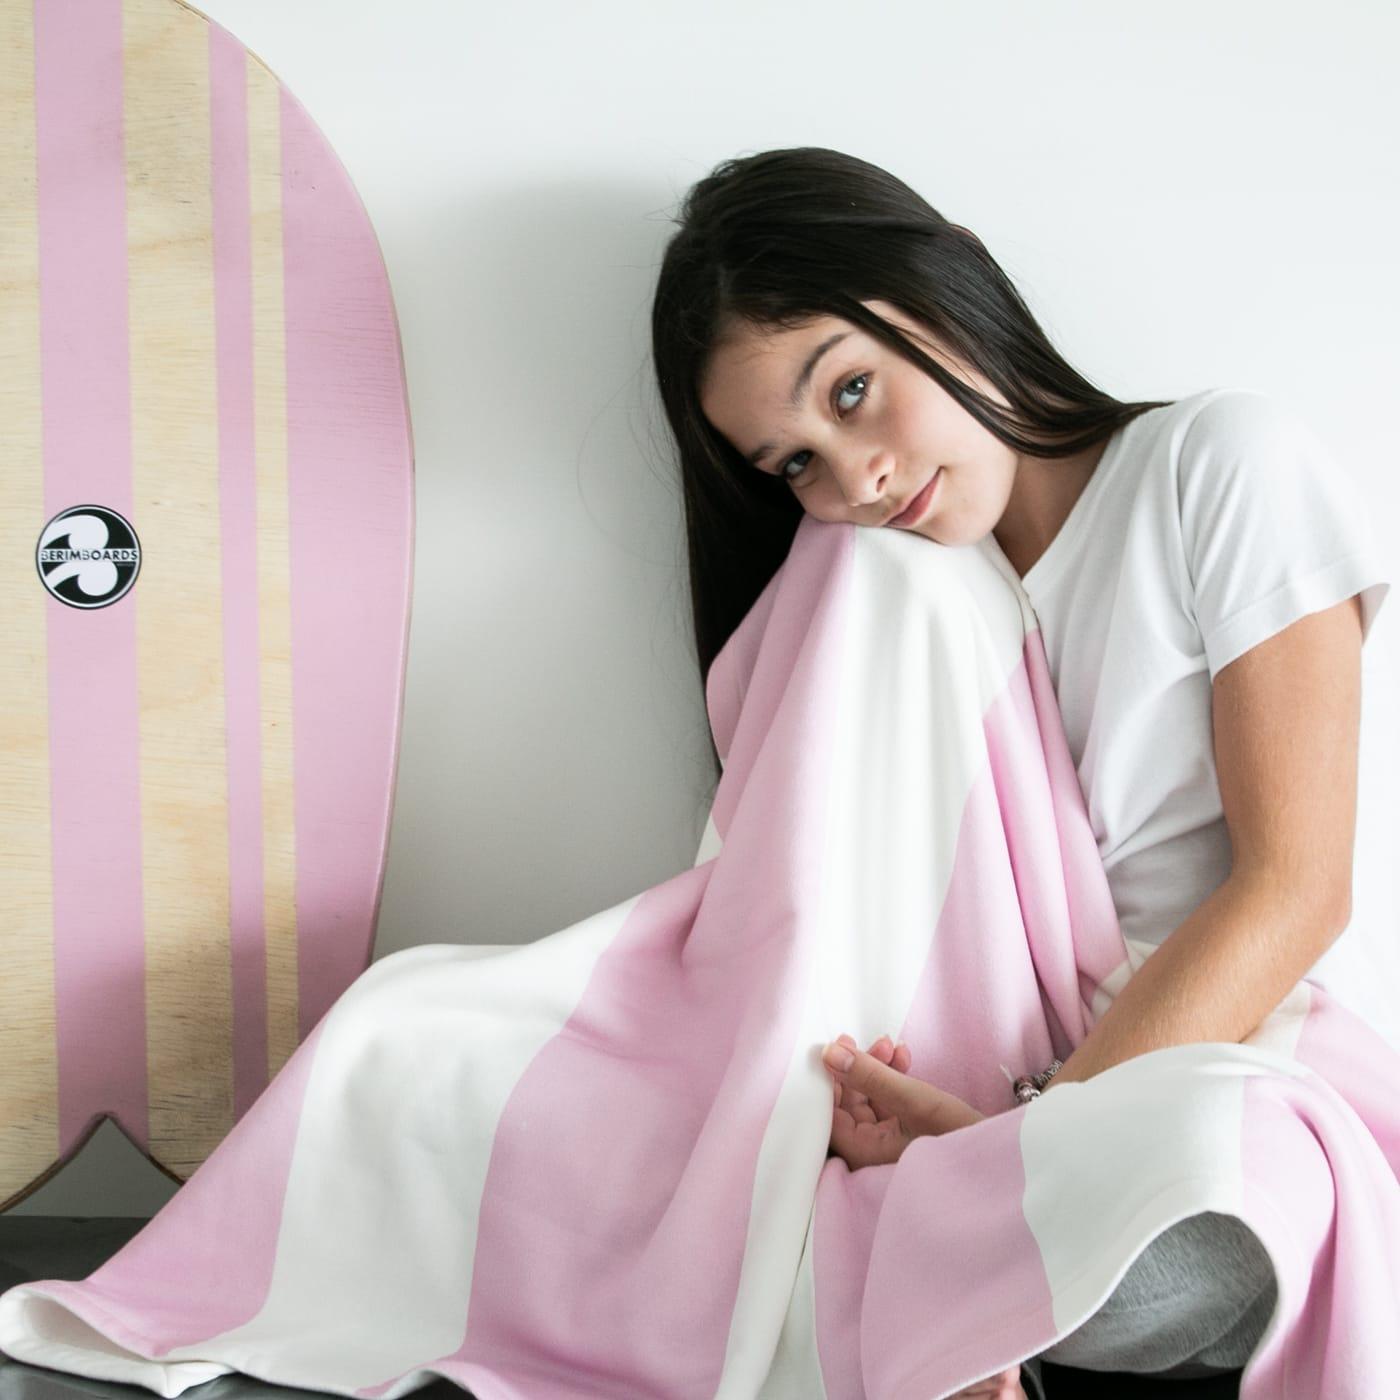 cobertor em pattern listras - 14 opções de cores